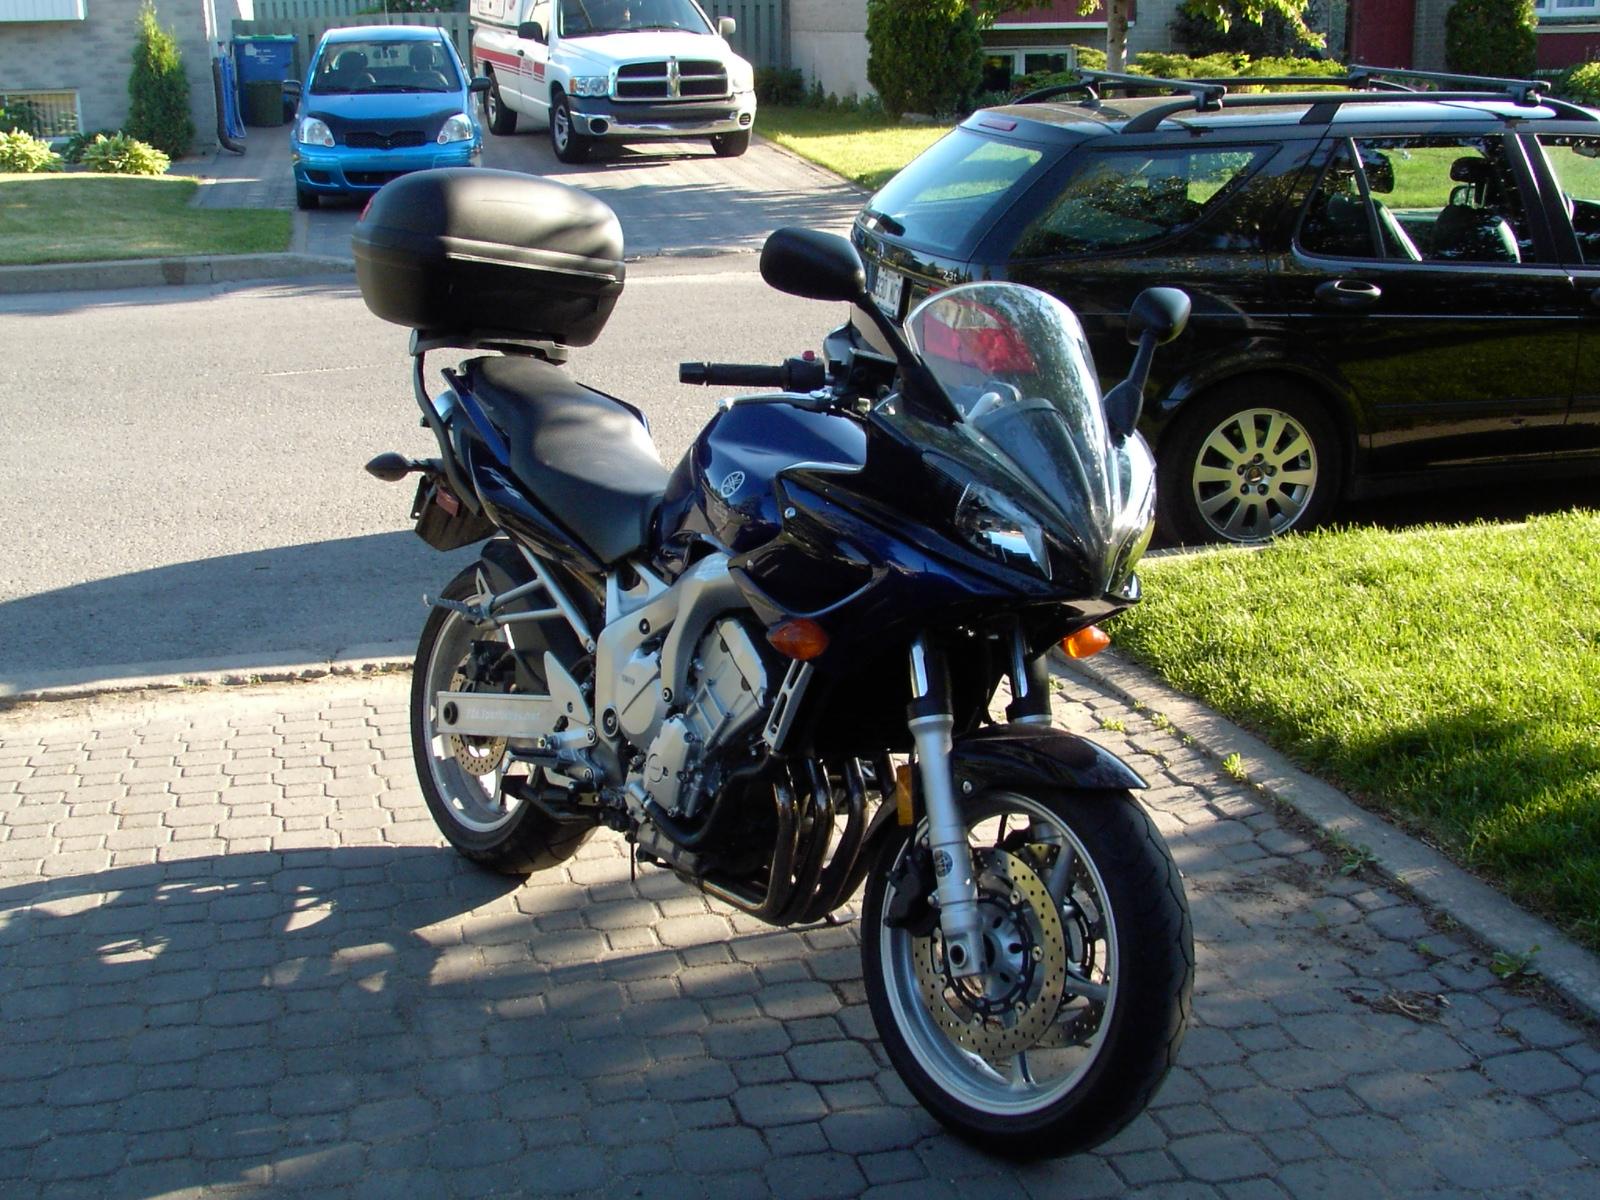 buty jesienne miło tanio butik wyprzedażowy My new 46L Kappa Top Case - Sportbikes.net